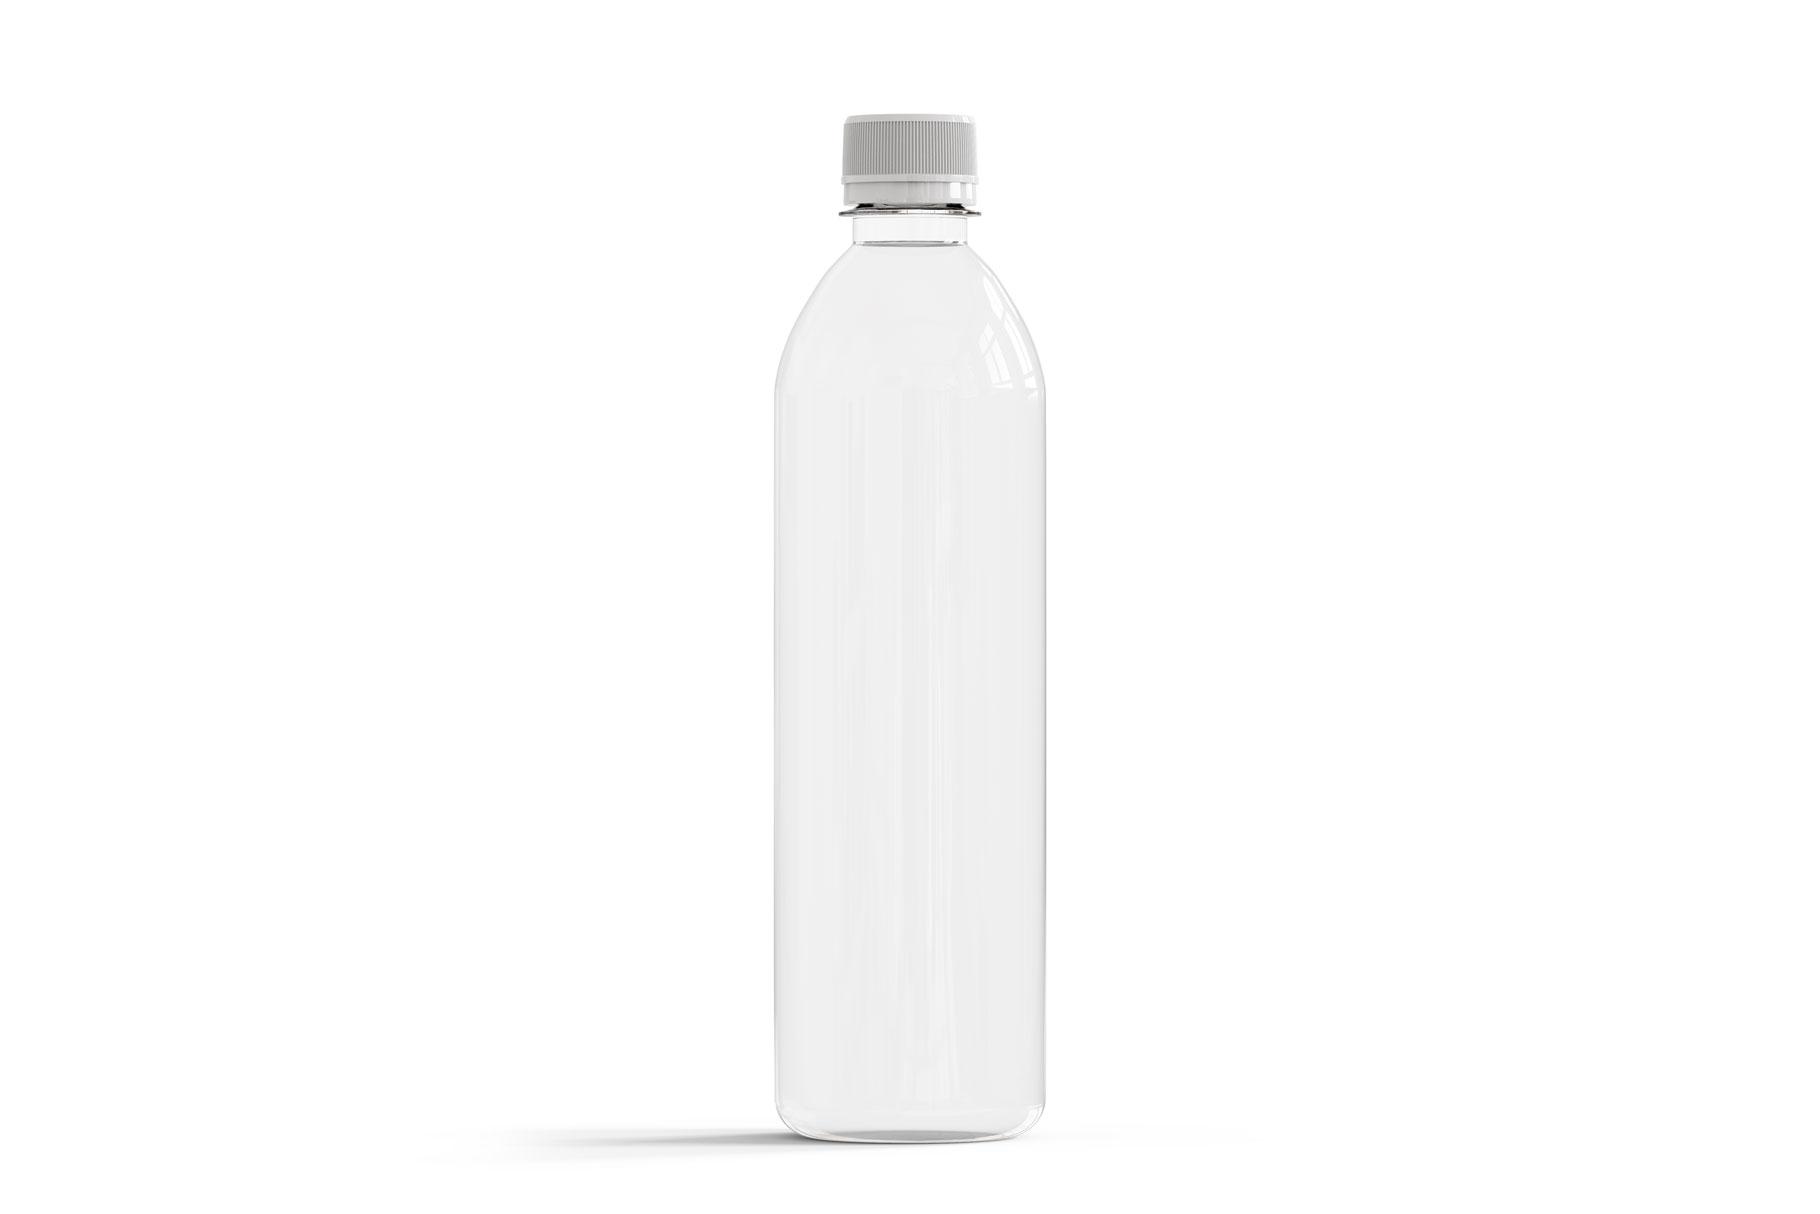 0,5L Iced Tea Bottle Mockup example image 4